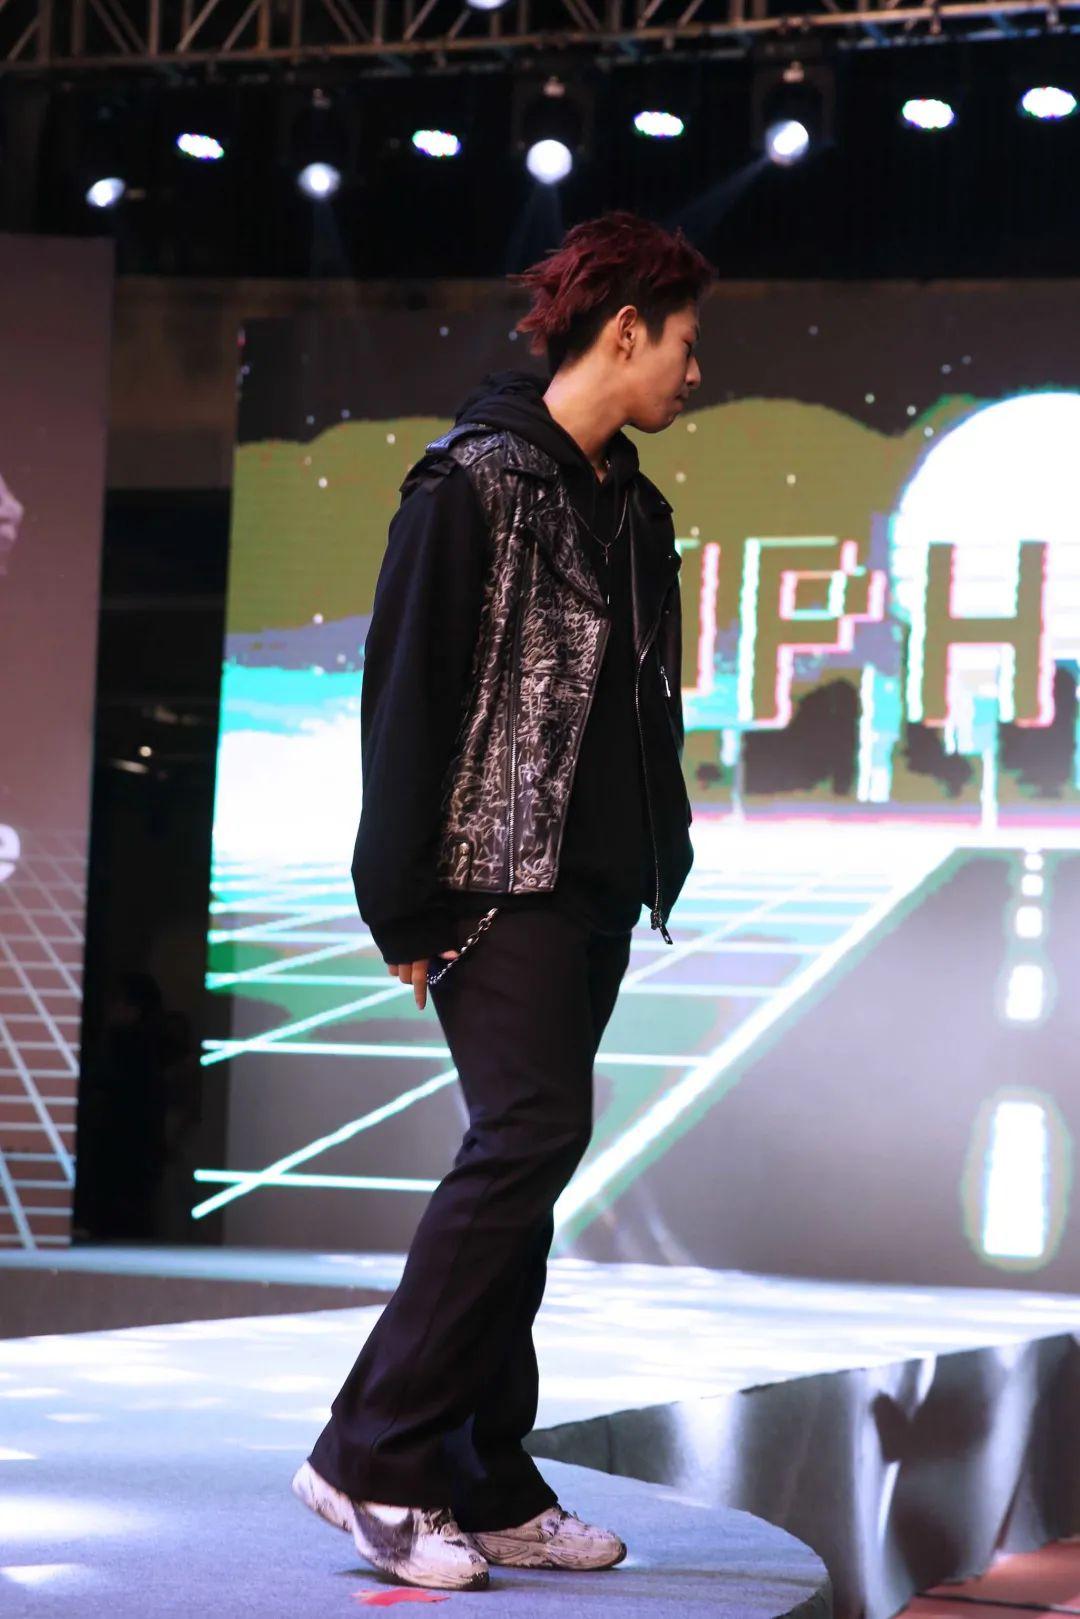 深国交2021 Fashion Show - 校园活动 疫情之下的时尚  深国交 深圳国际交流学院 第12张